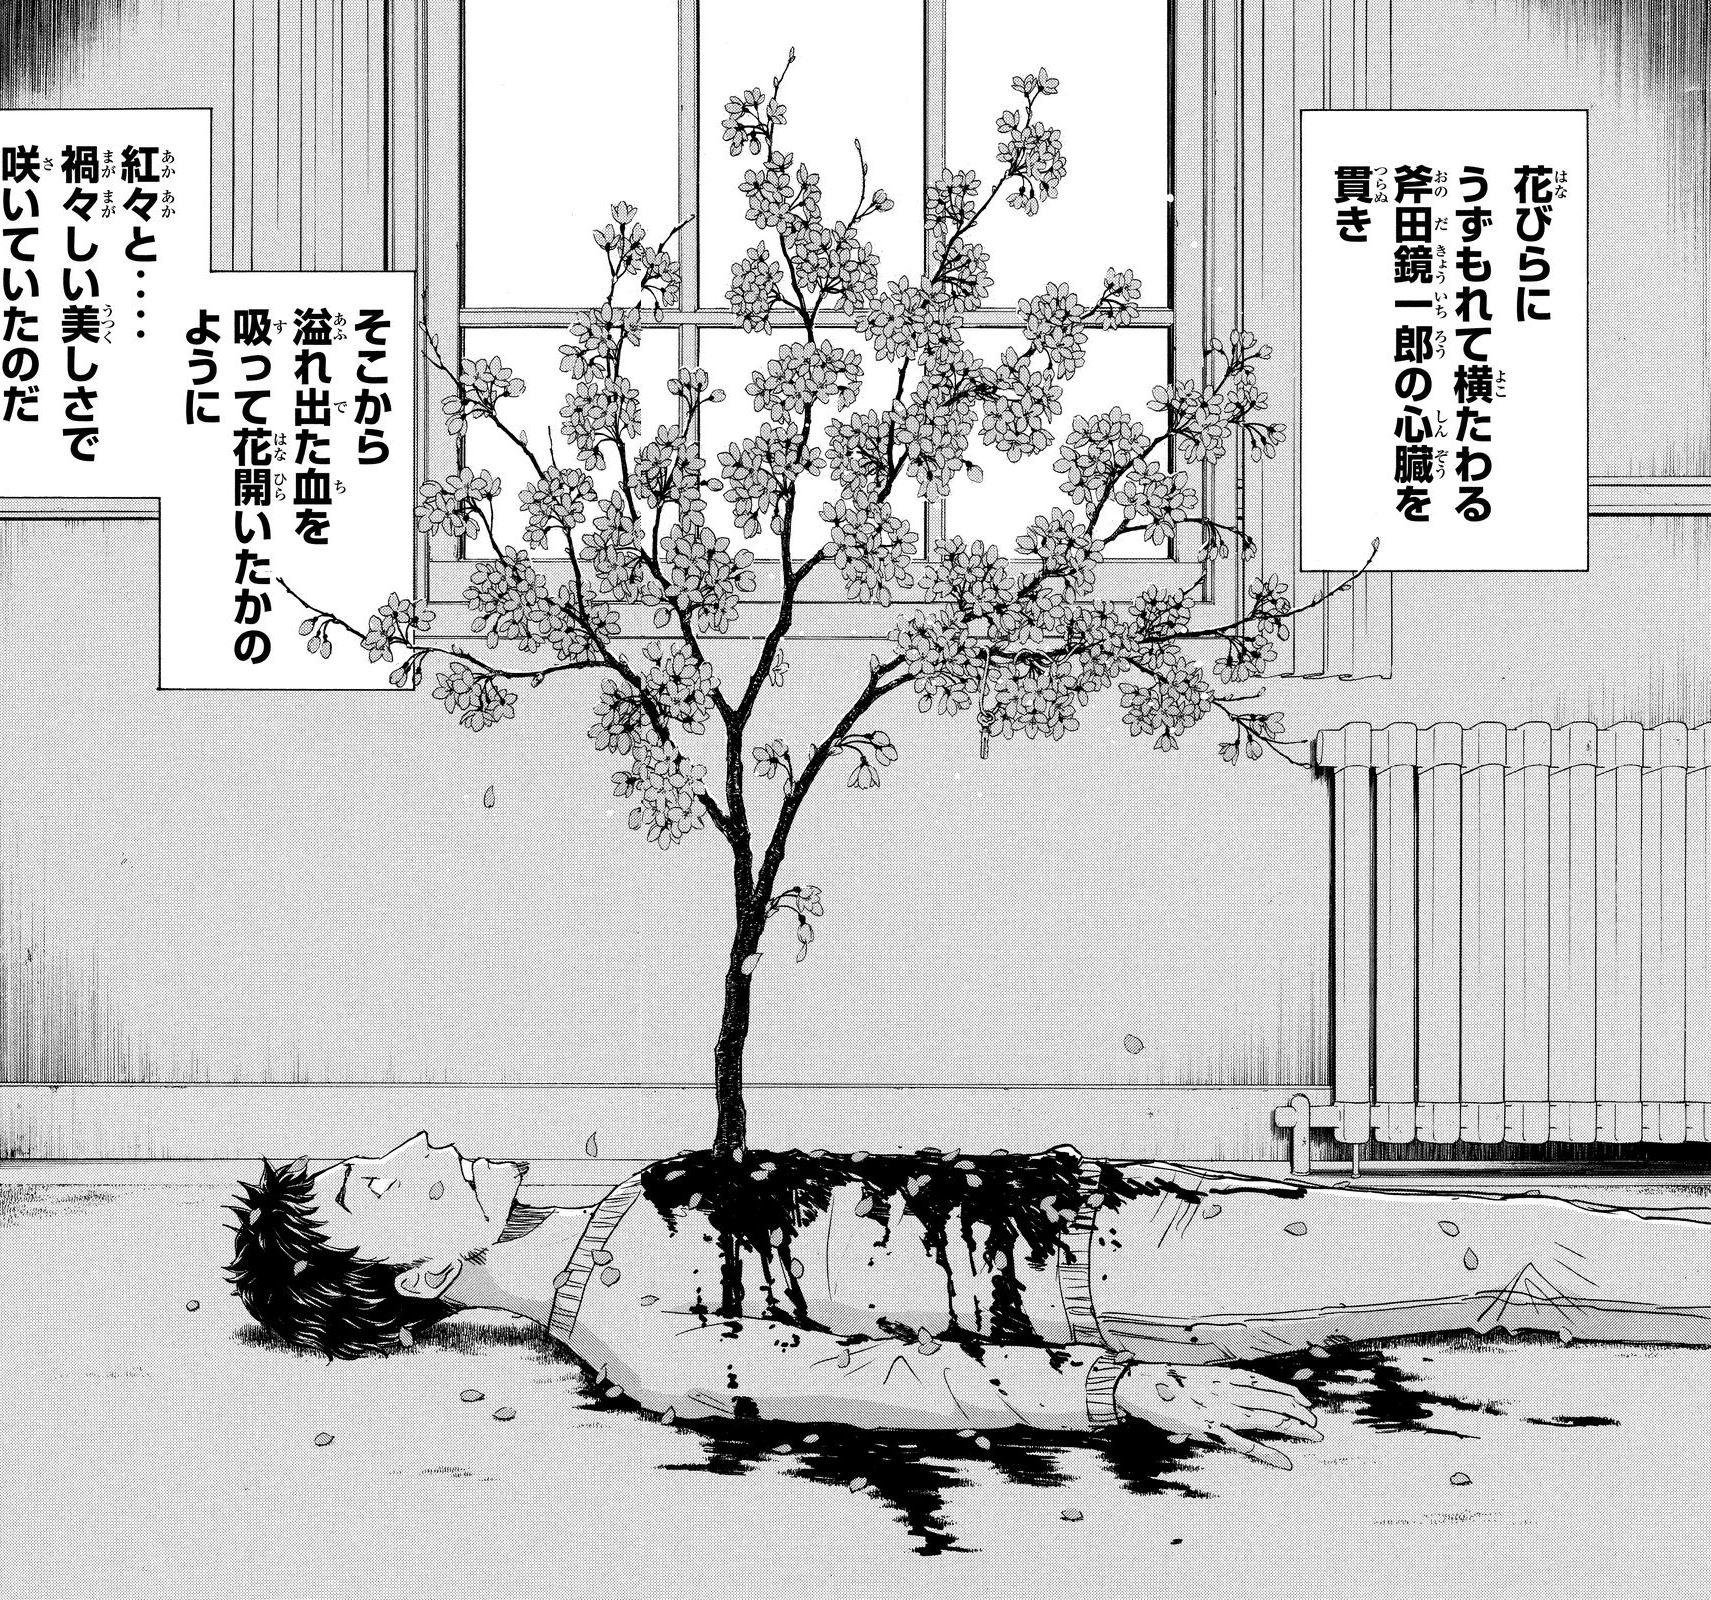 Bloodthirsty Cherry Blossom Murder Case